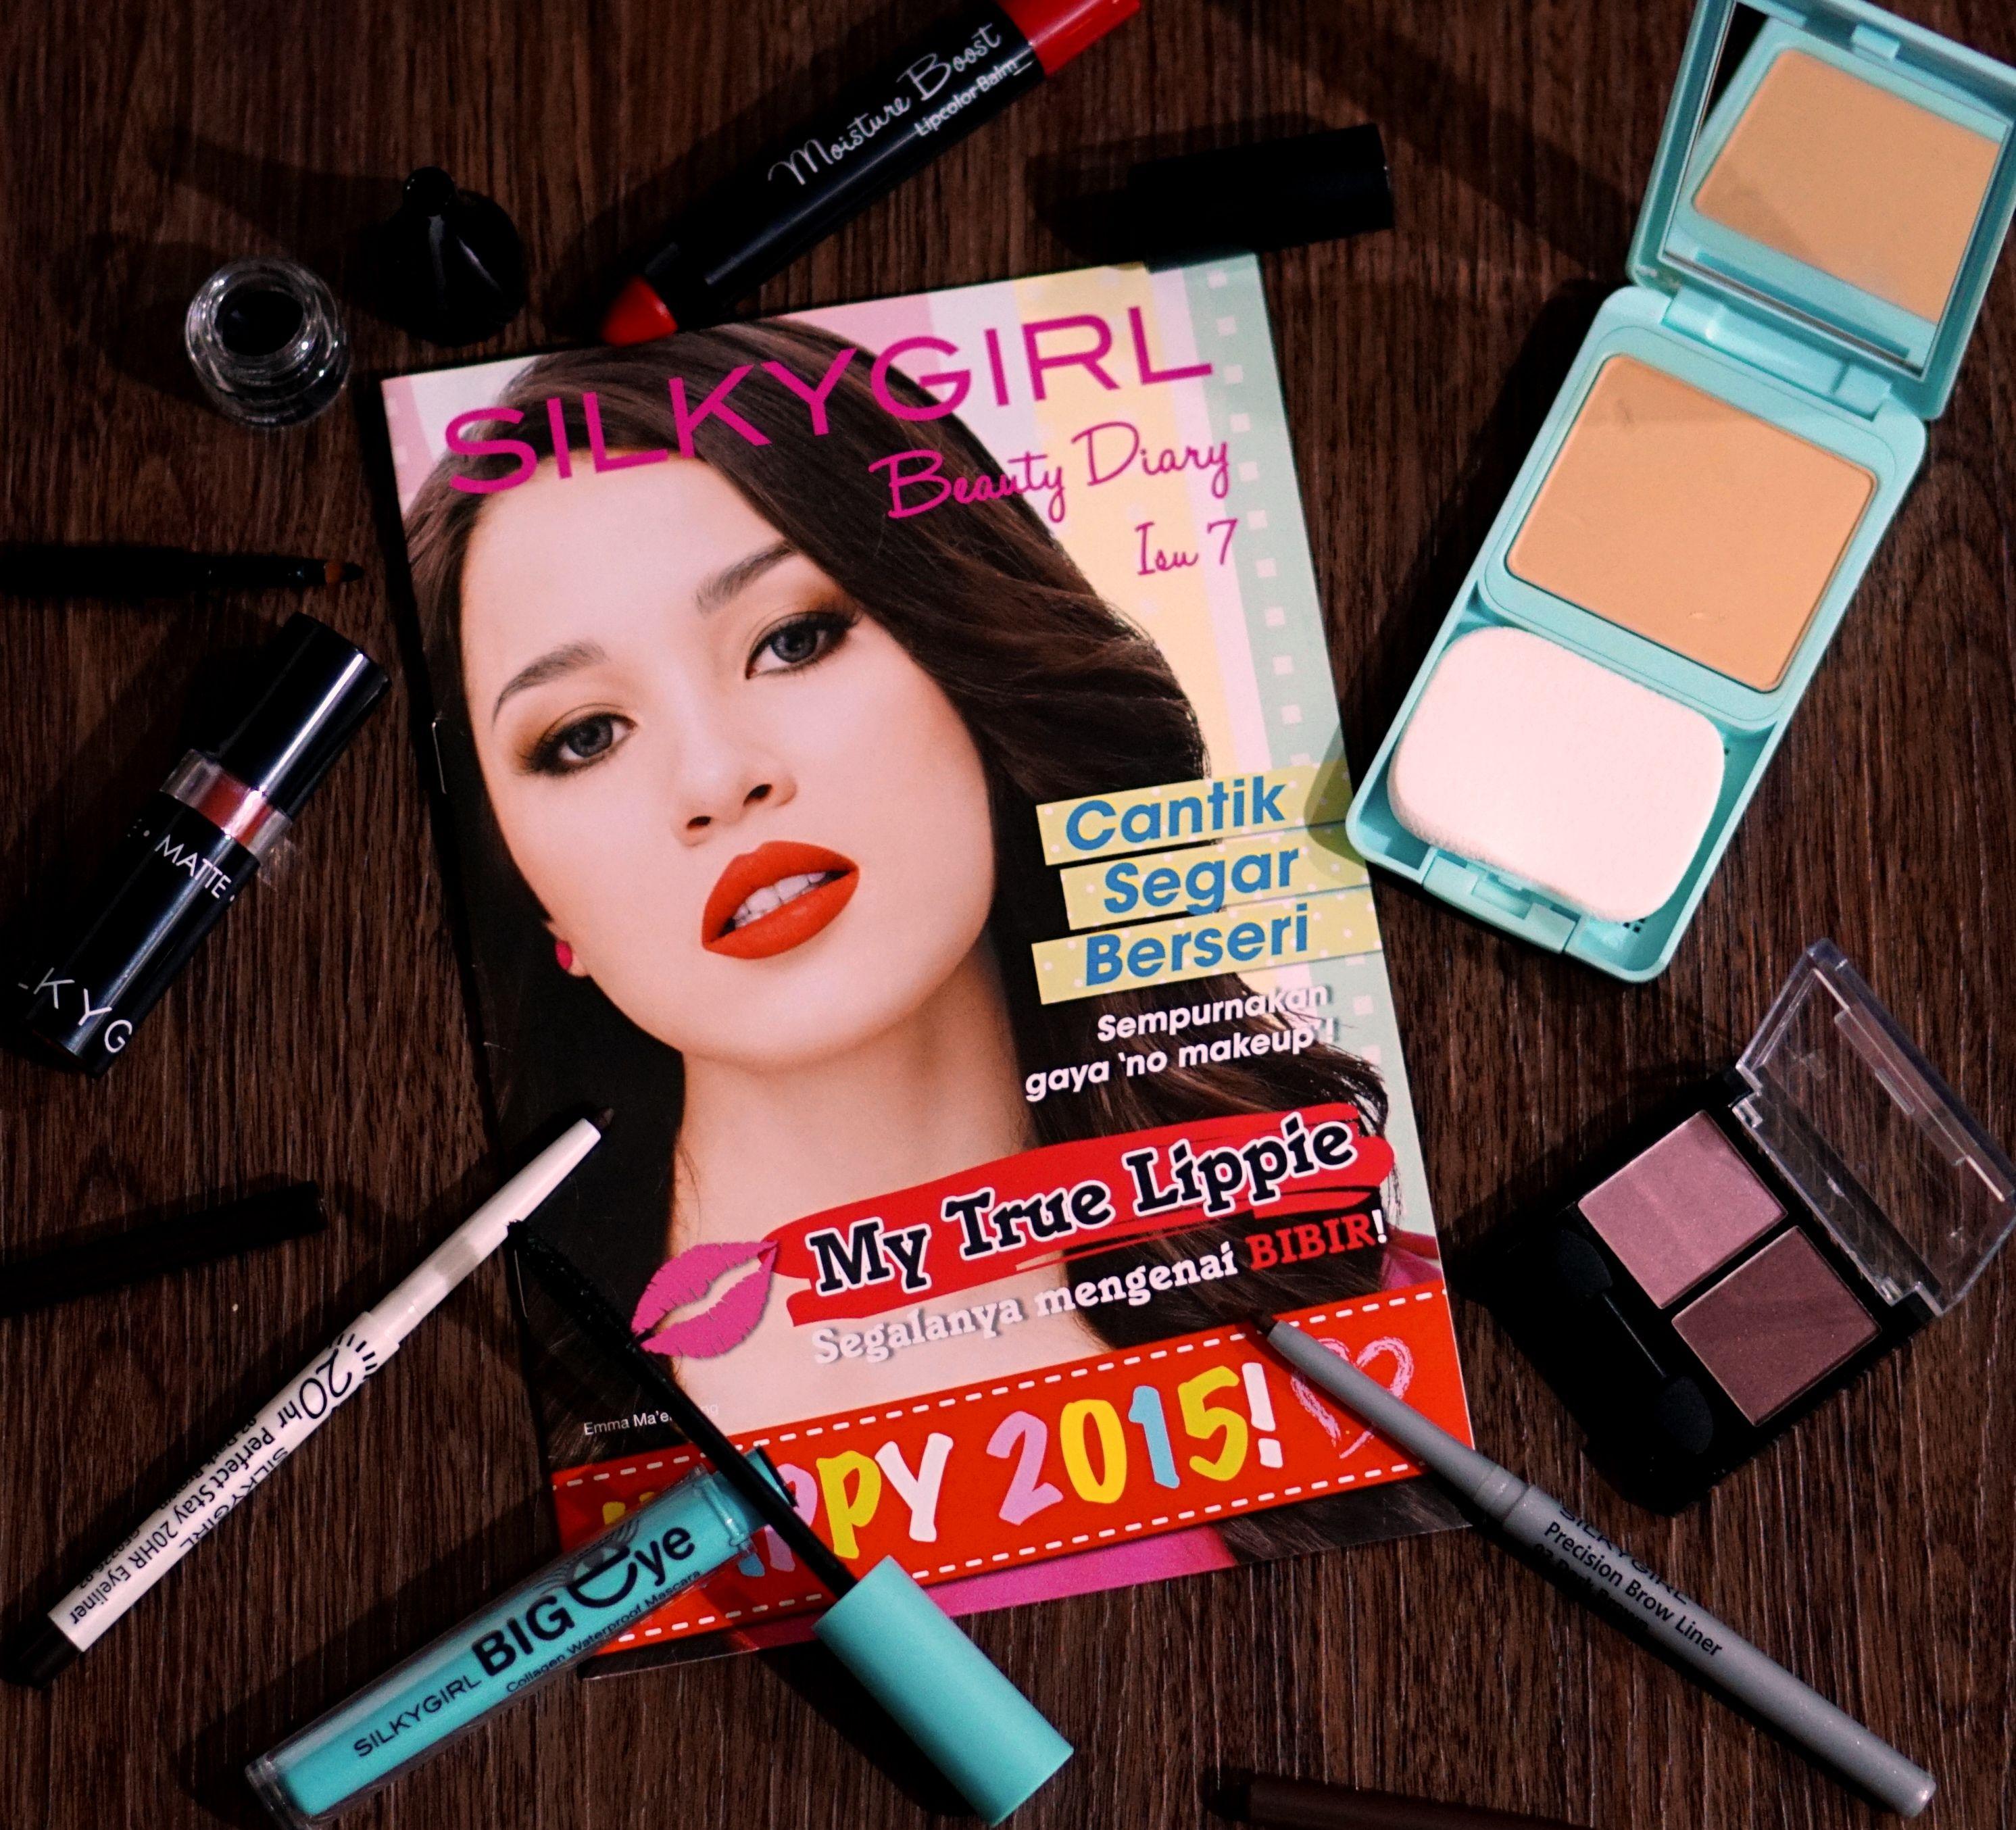 Basic makeup essentials SILKYGIRL cosmetics. Basic